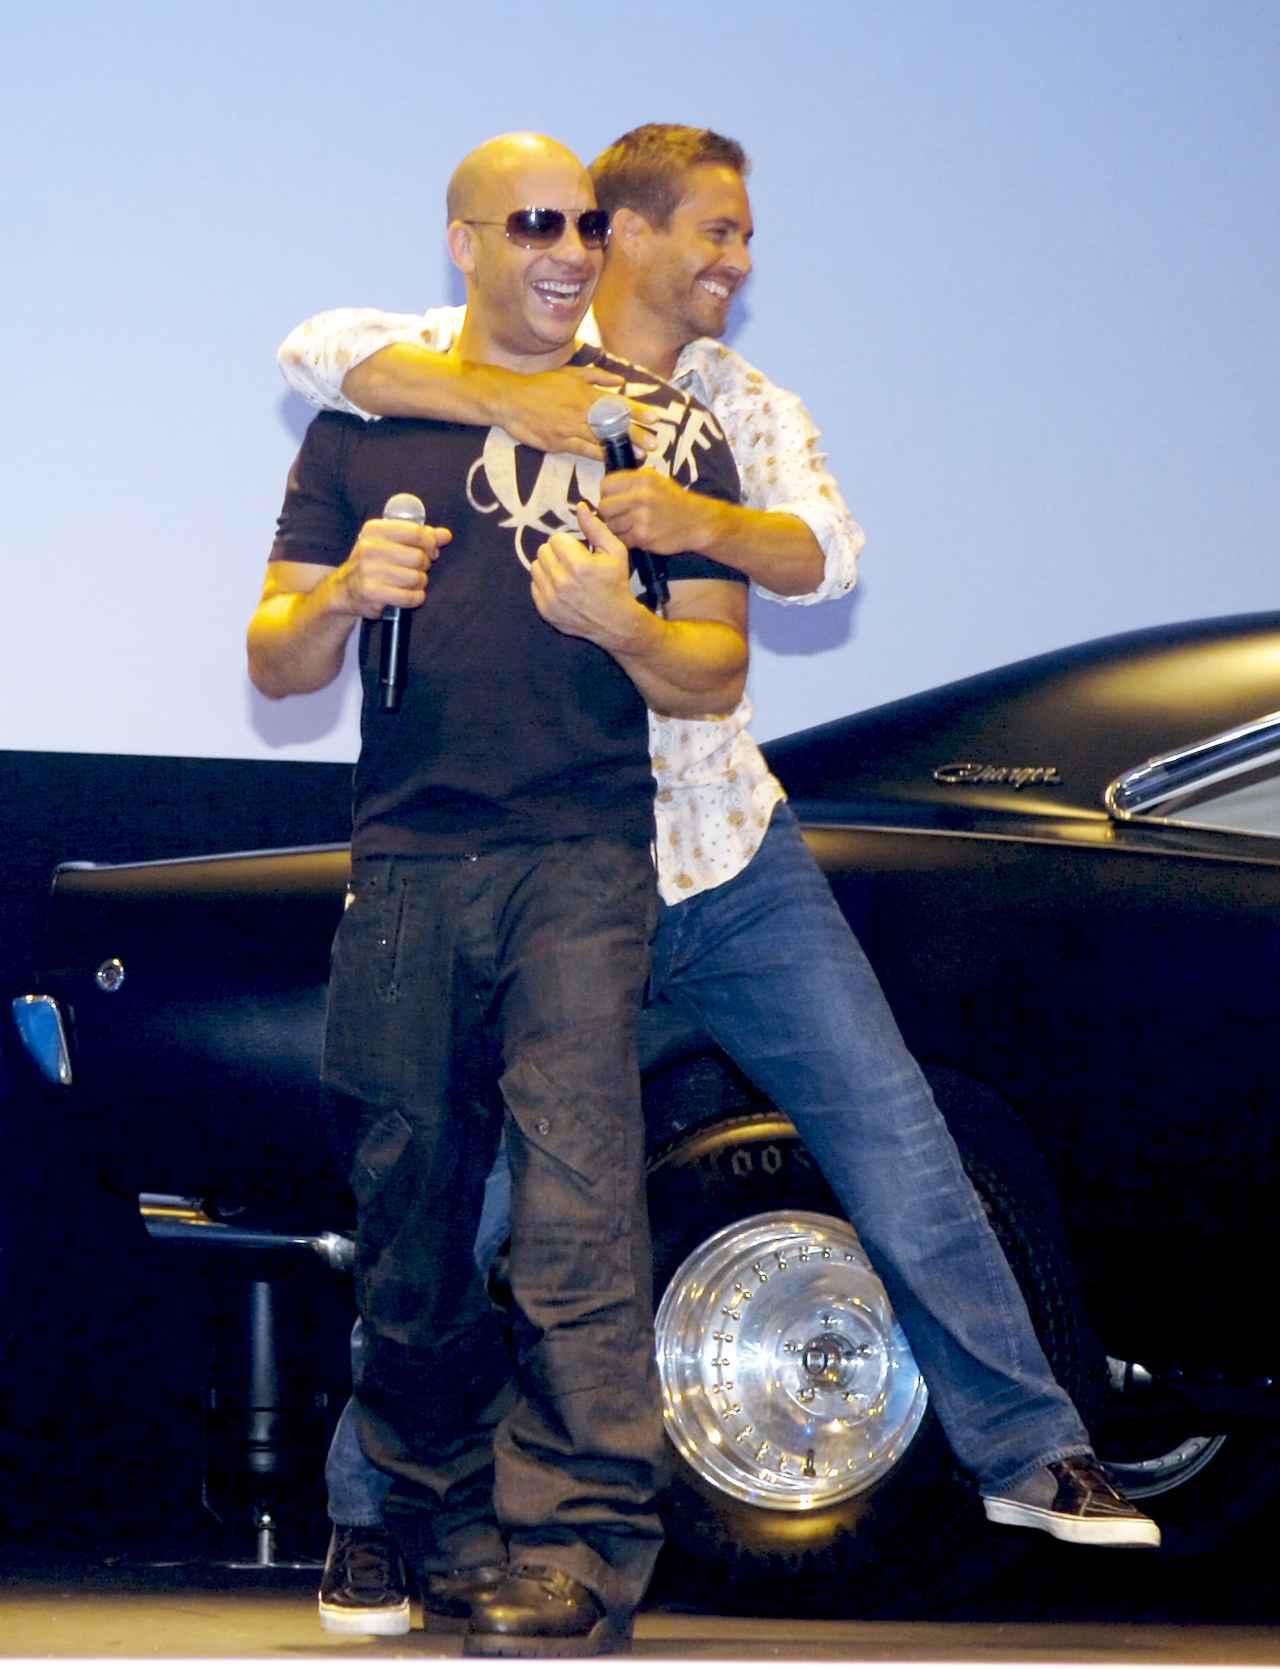 画像2: ドムとブライアンの「ラスト・ドライブ」